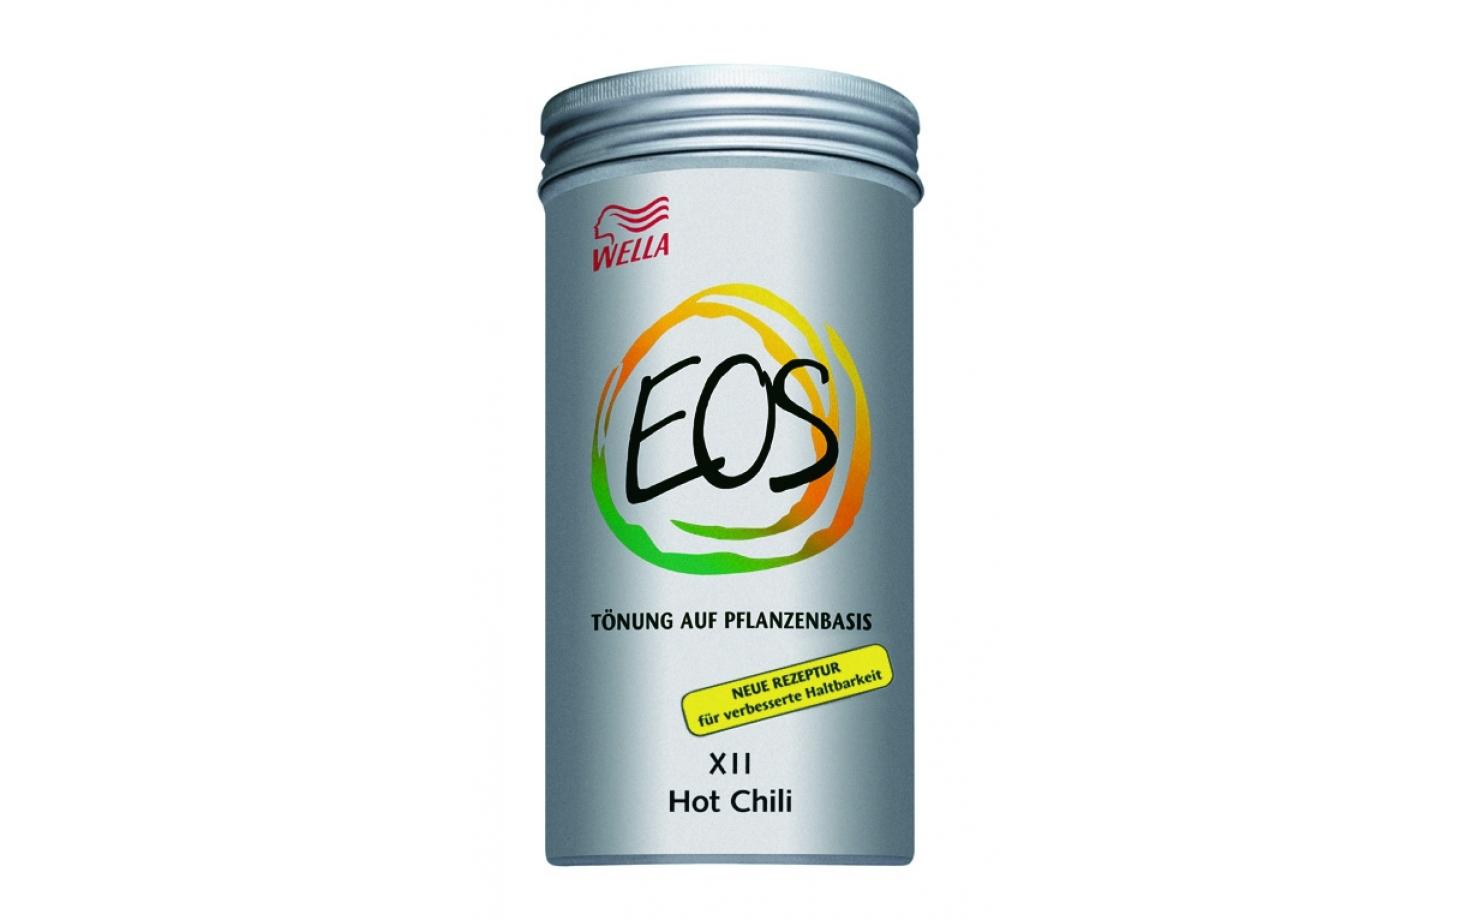 Wella EOS Pflanzentönung 120 g VII Chili